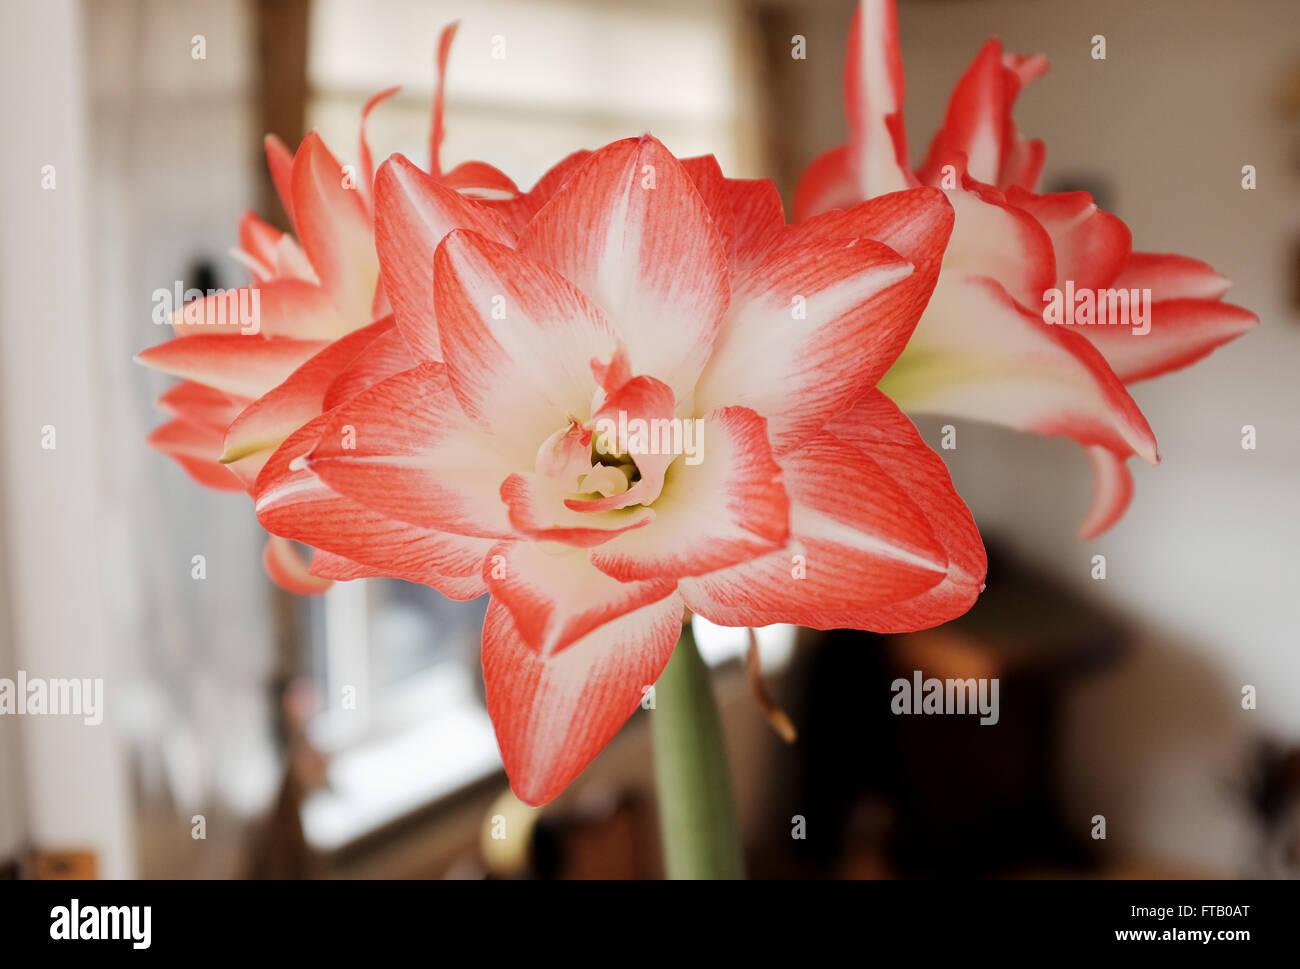 amaryllis 18 technology